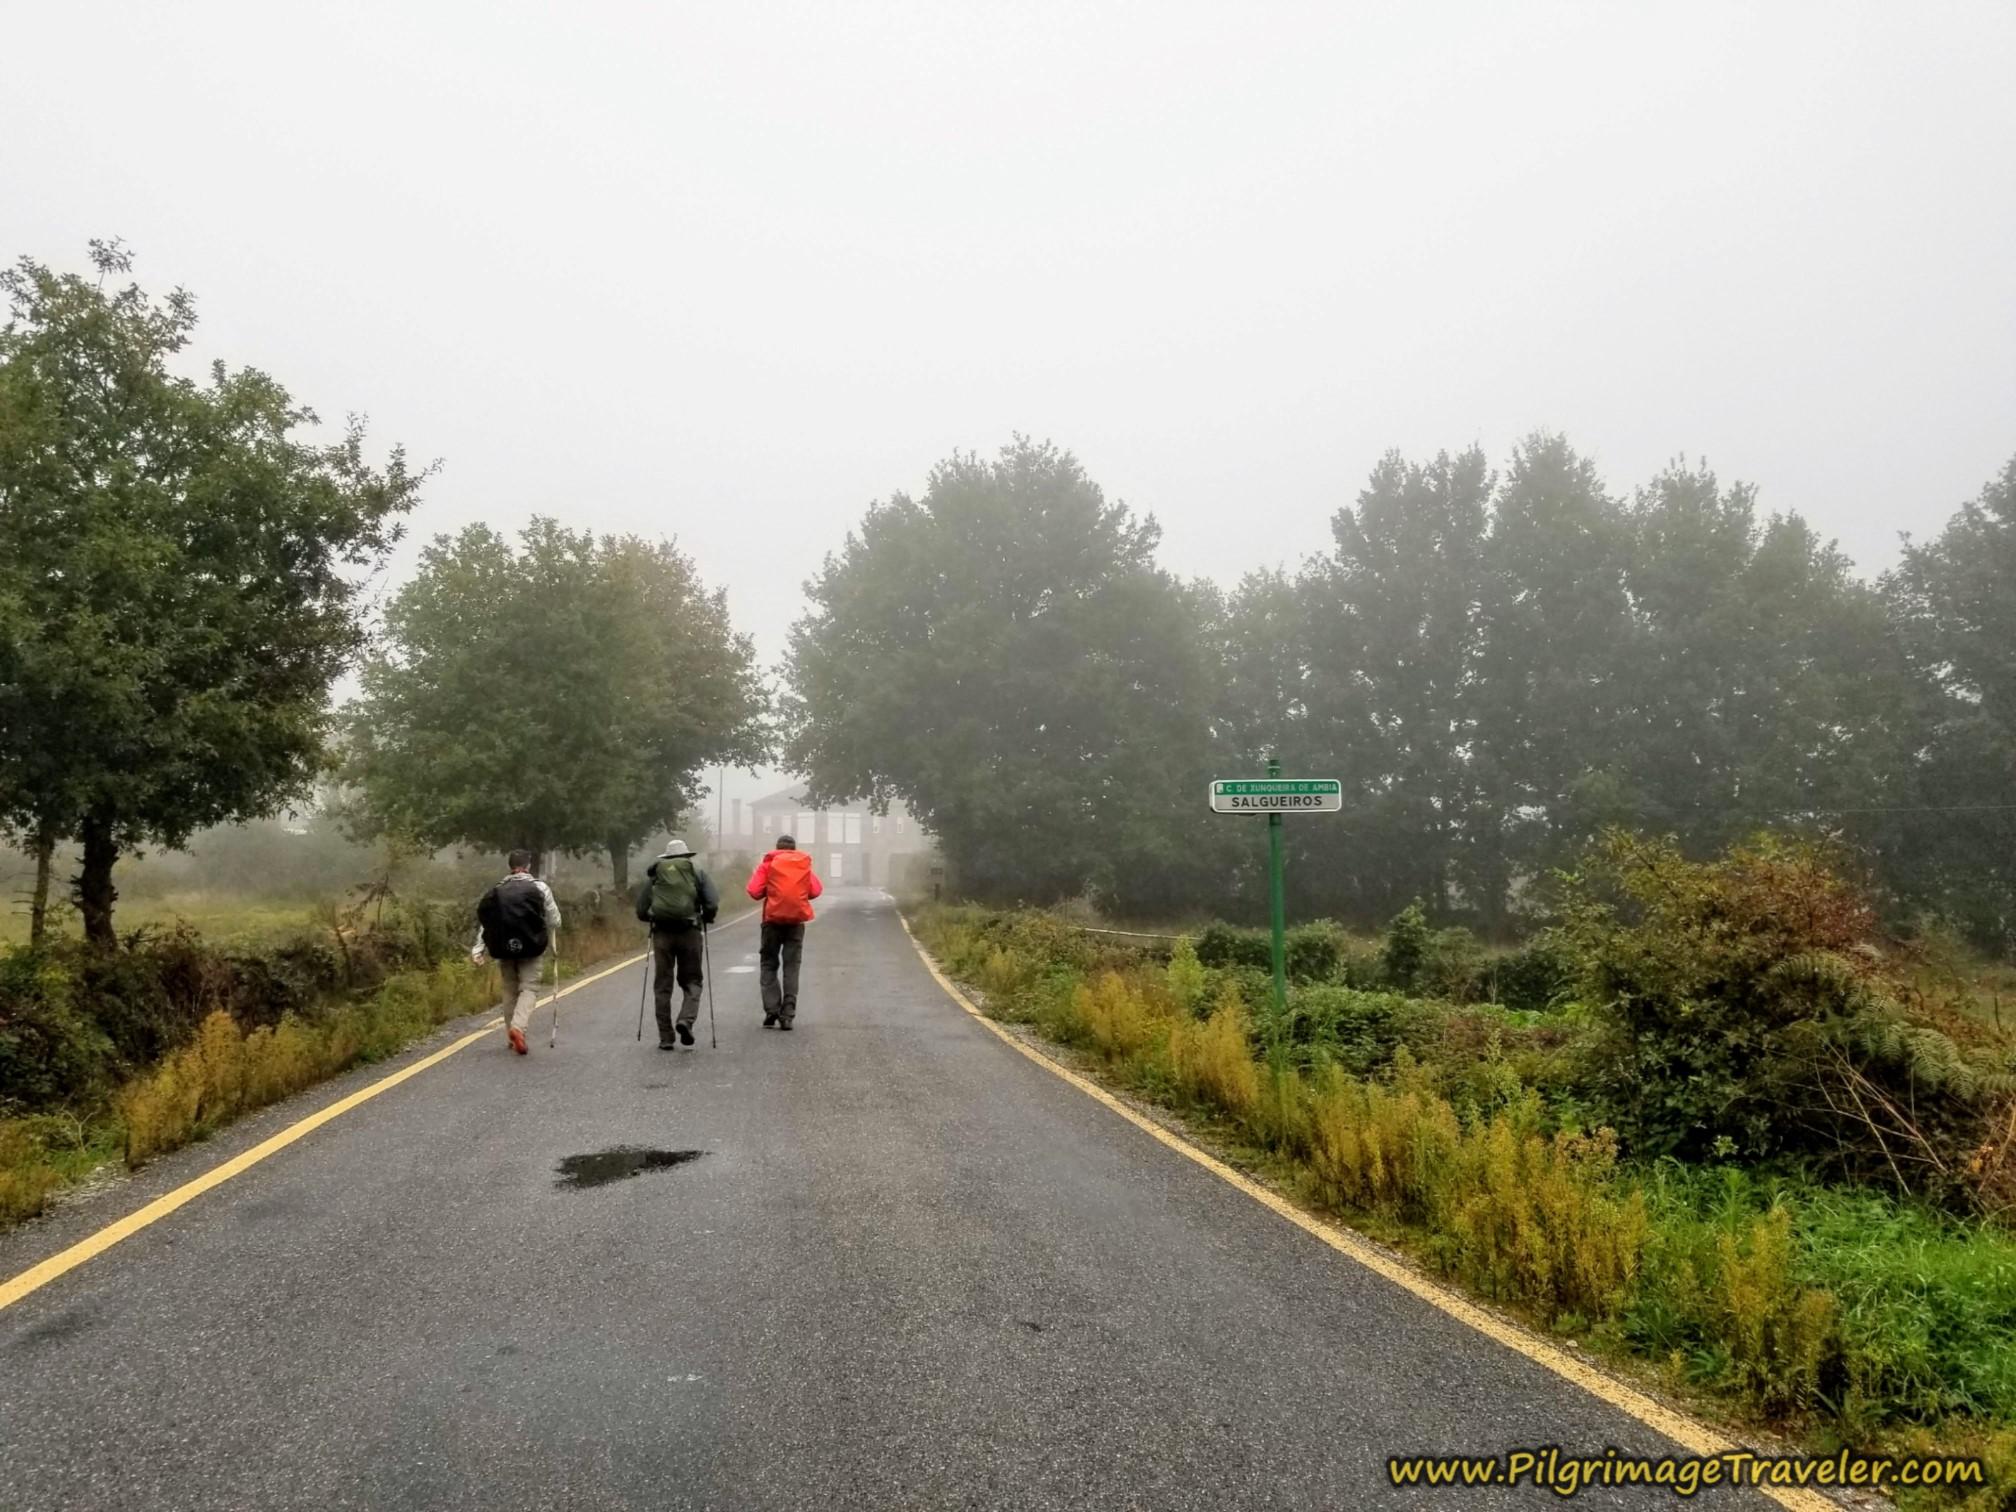 Entering Salgueiros, Camino Sanabrés, Xunqueira de Ambía to Ourense